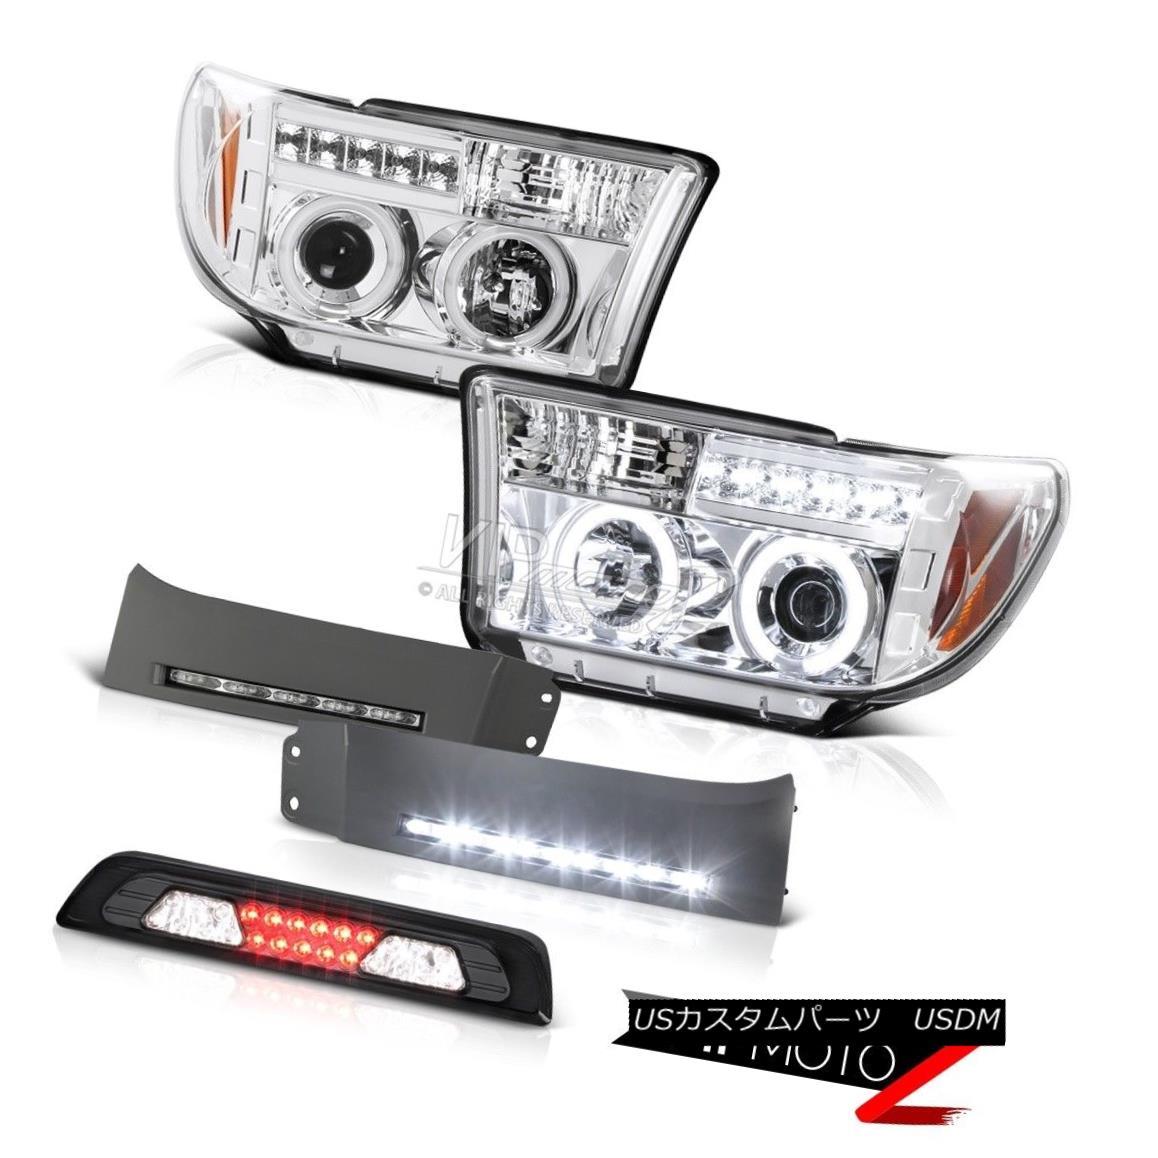 テールライト 07-13 Toyota Tundra SR5 Bumper DRL Dark Smoke High Stop Lamp Headlamps LED Cool 07-13トヨタトンドラSR5バンパーDRLダークスモークハイストップランプヘッドランプLEDクール